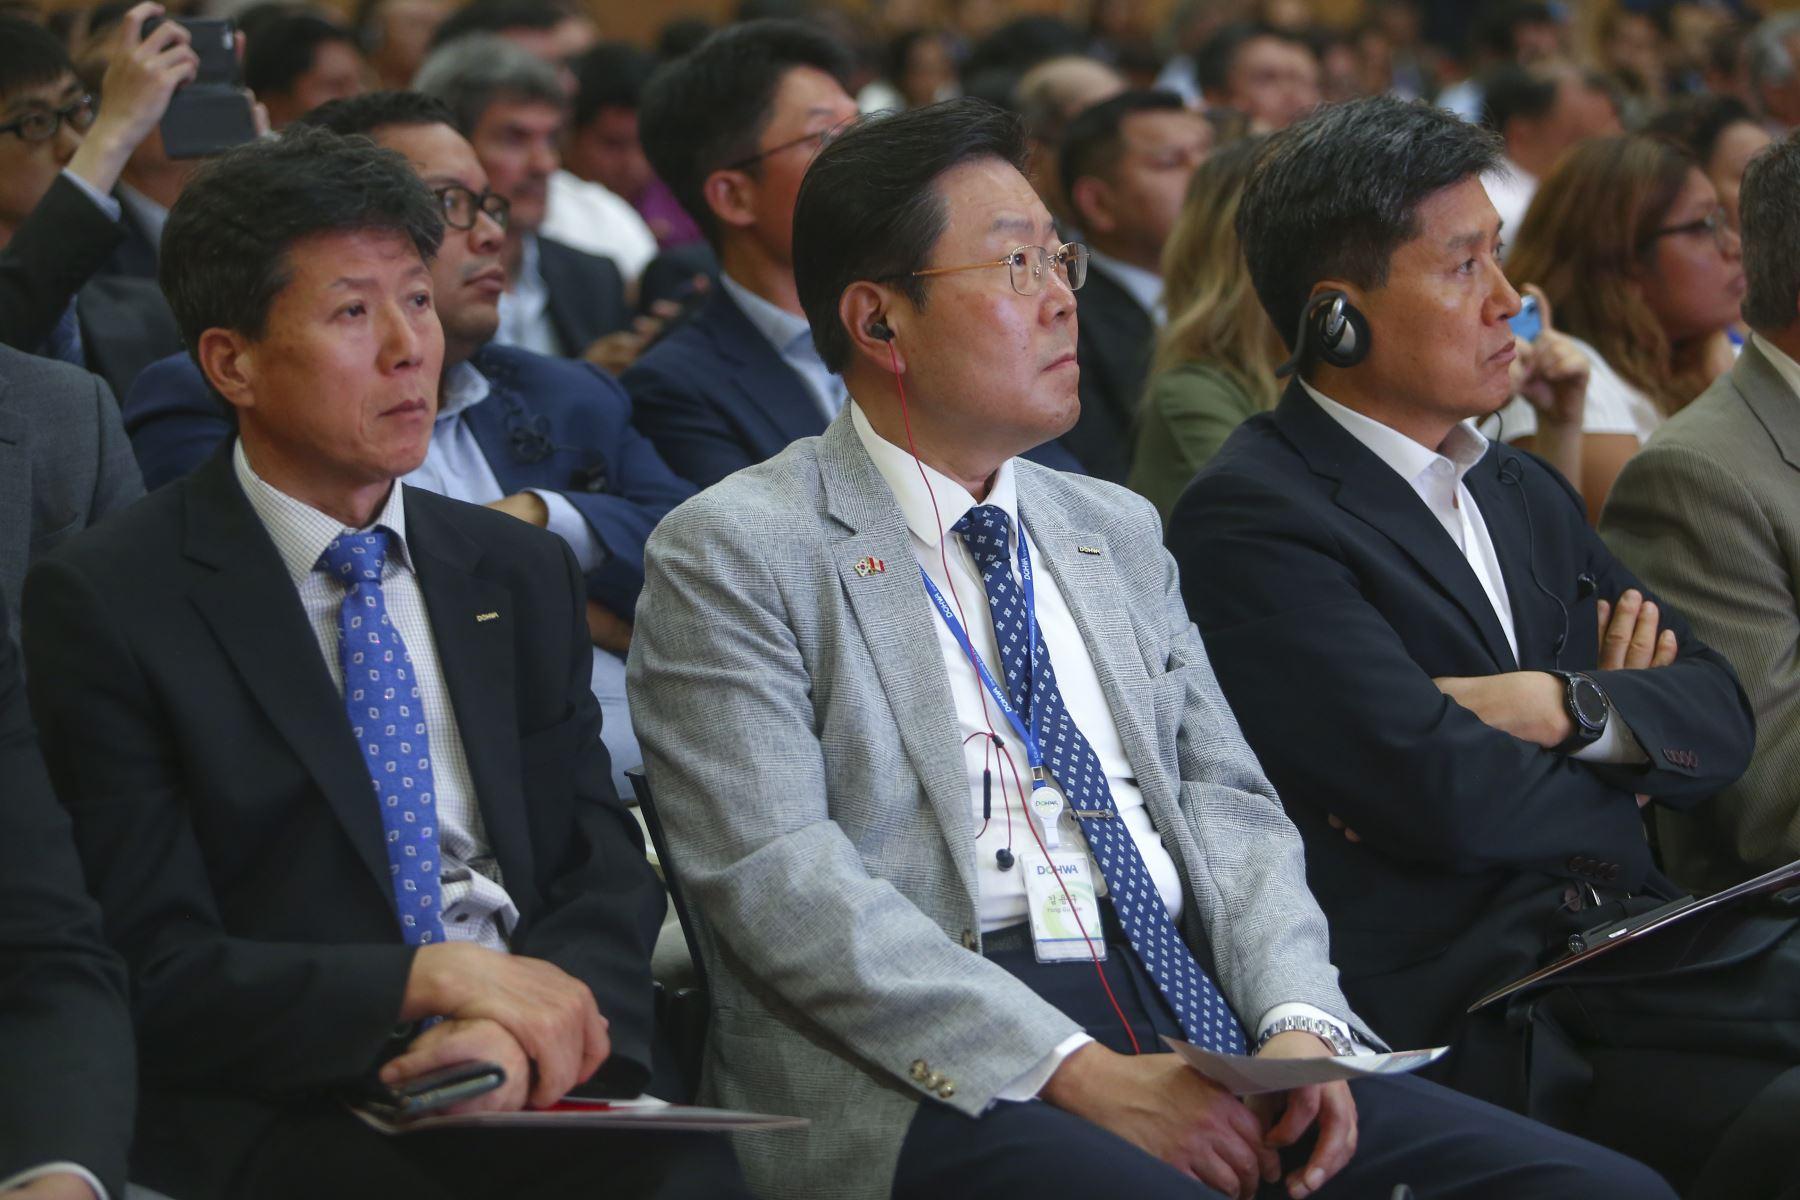 Empresarios coreanos durante la presentación del proyecto de construcción del Aeropuerto Internacional de Chinchero - Cusco. Foto: ANDINA/Jhonel Rodríguez Robles